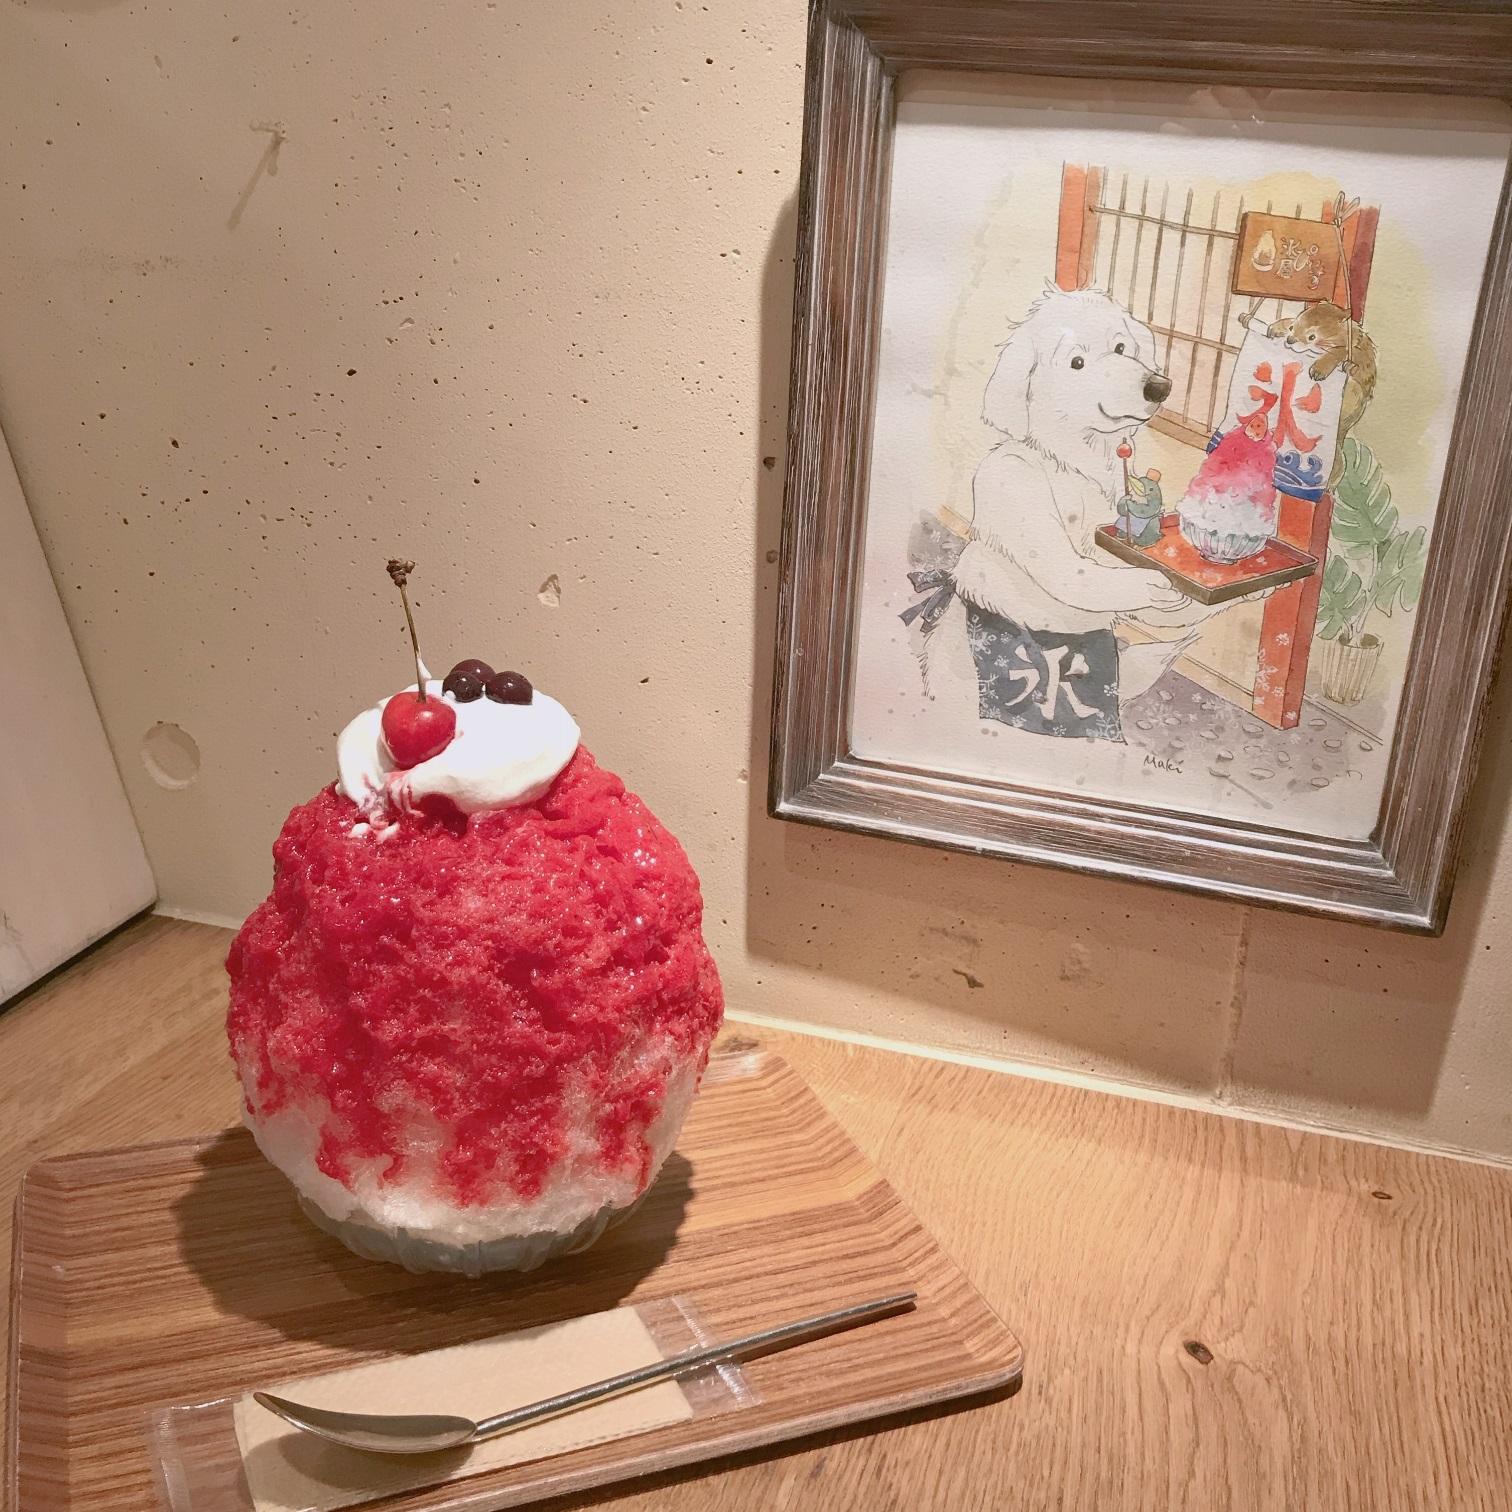 東京のおすすめかき氷特集 - 20代女子に人気のかわいくて美味しいかき氷店10選_18